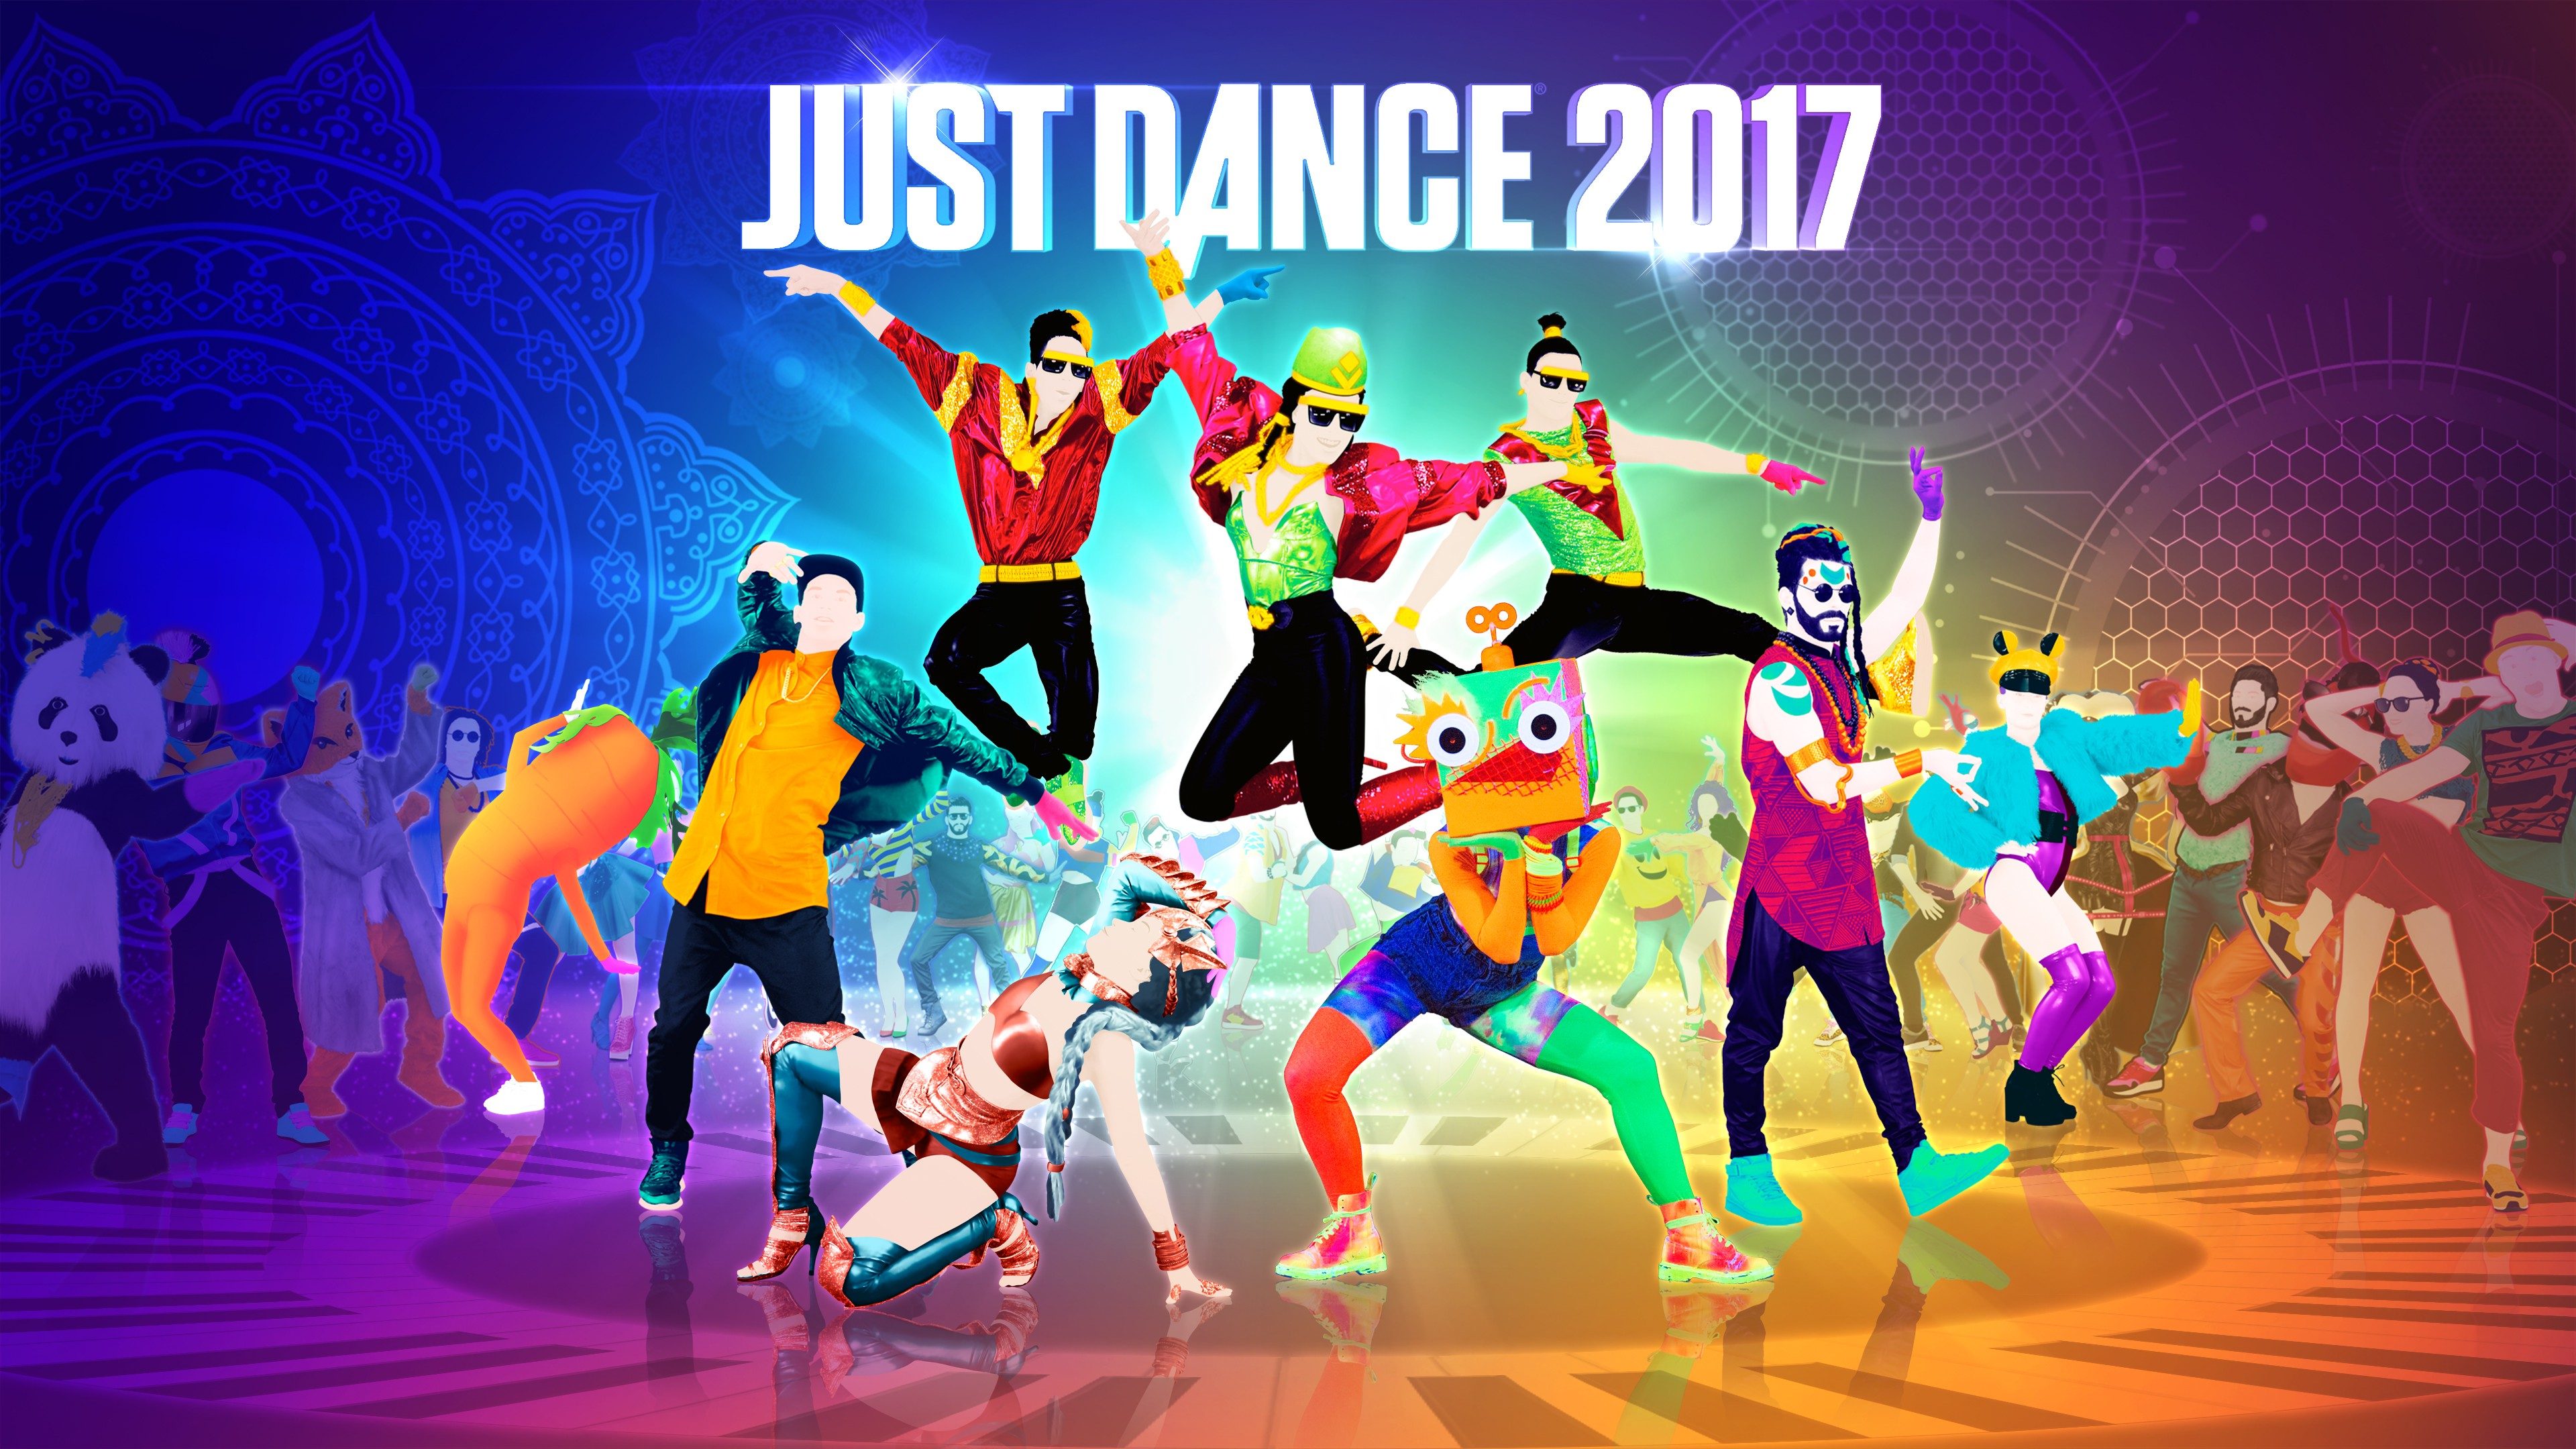 Wallpaper just dance 2018 4k e3 2017 poster games 14346 for Wallpaper home 2018